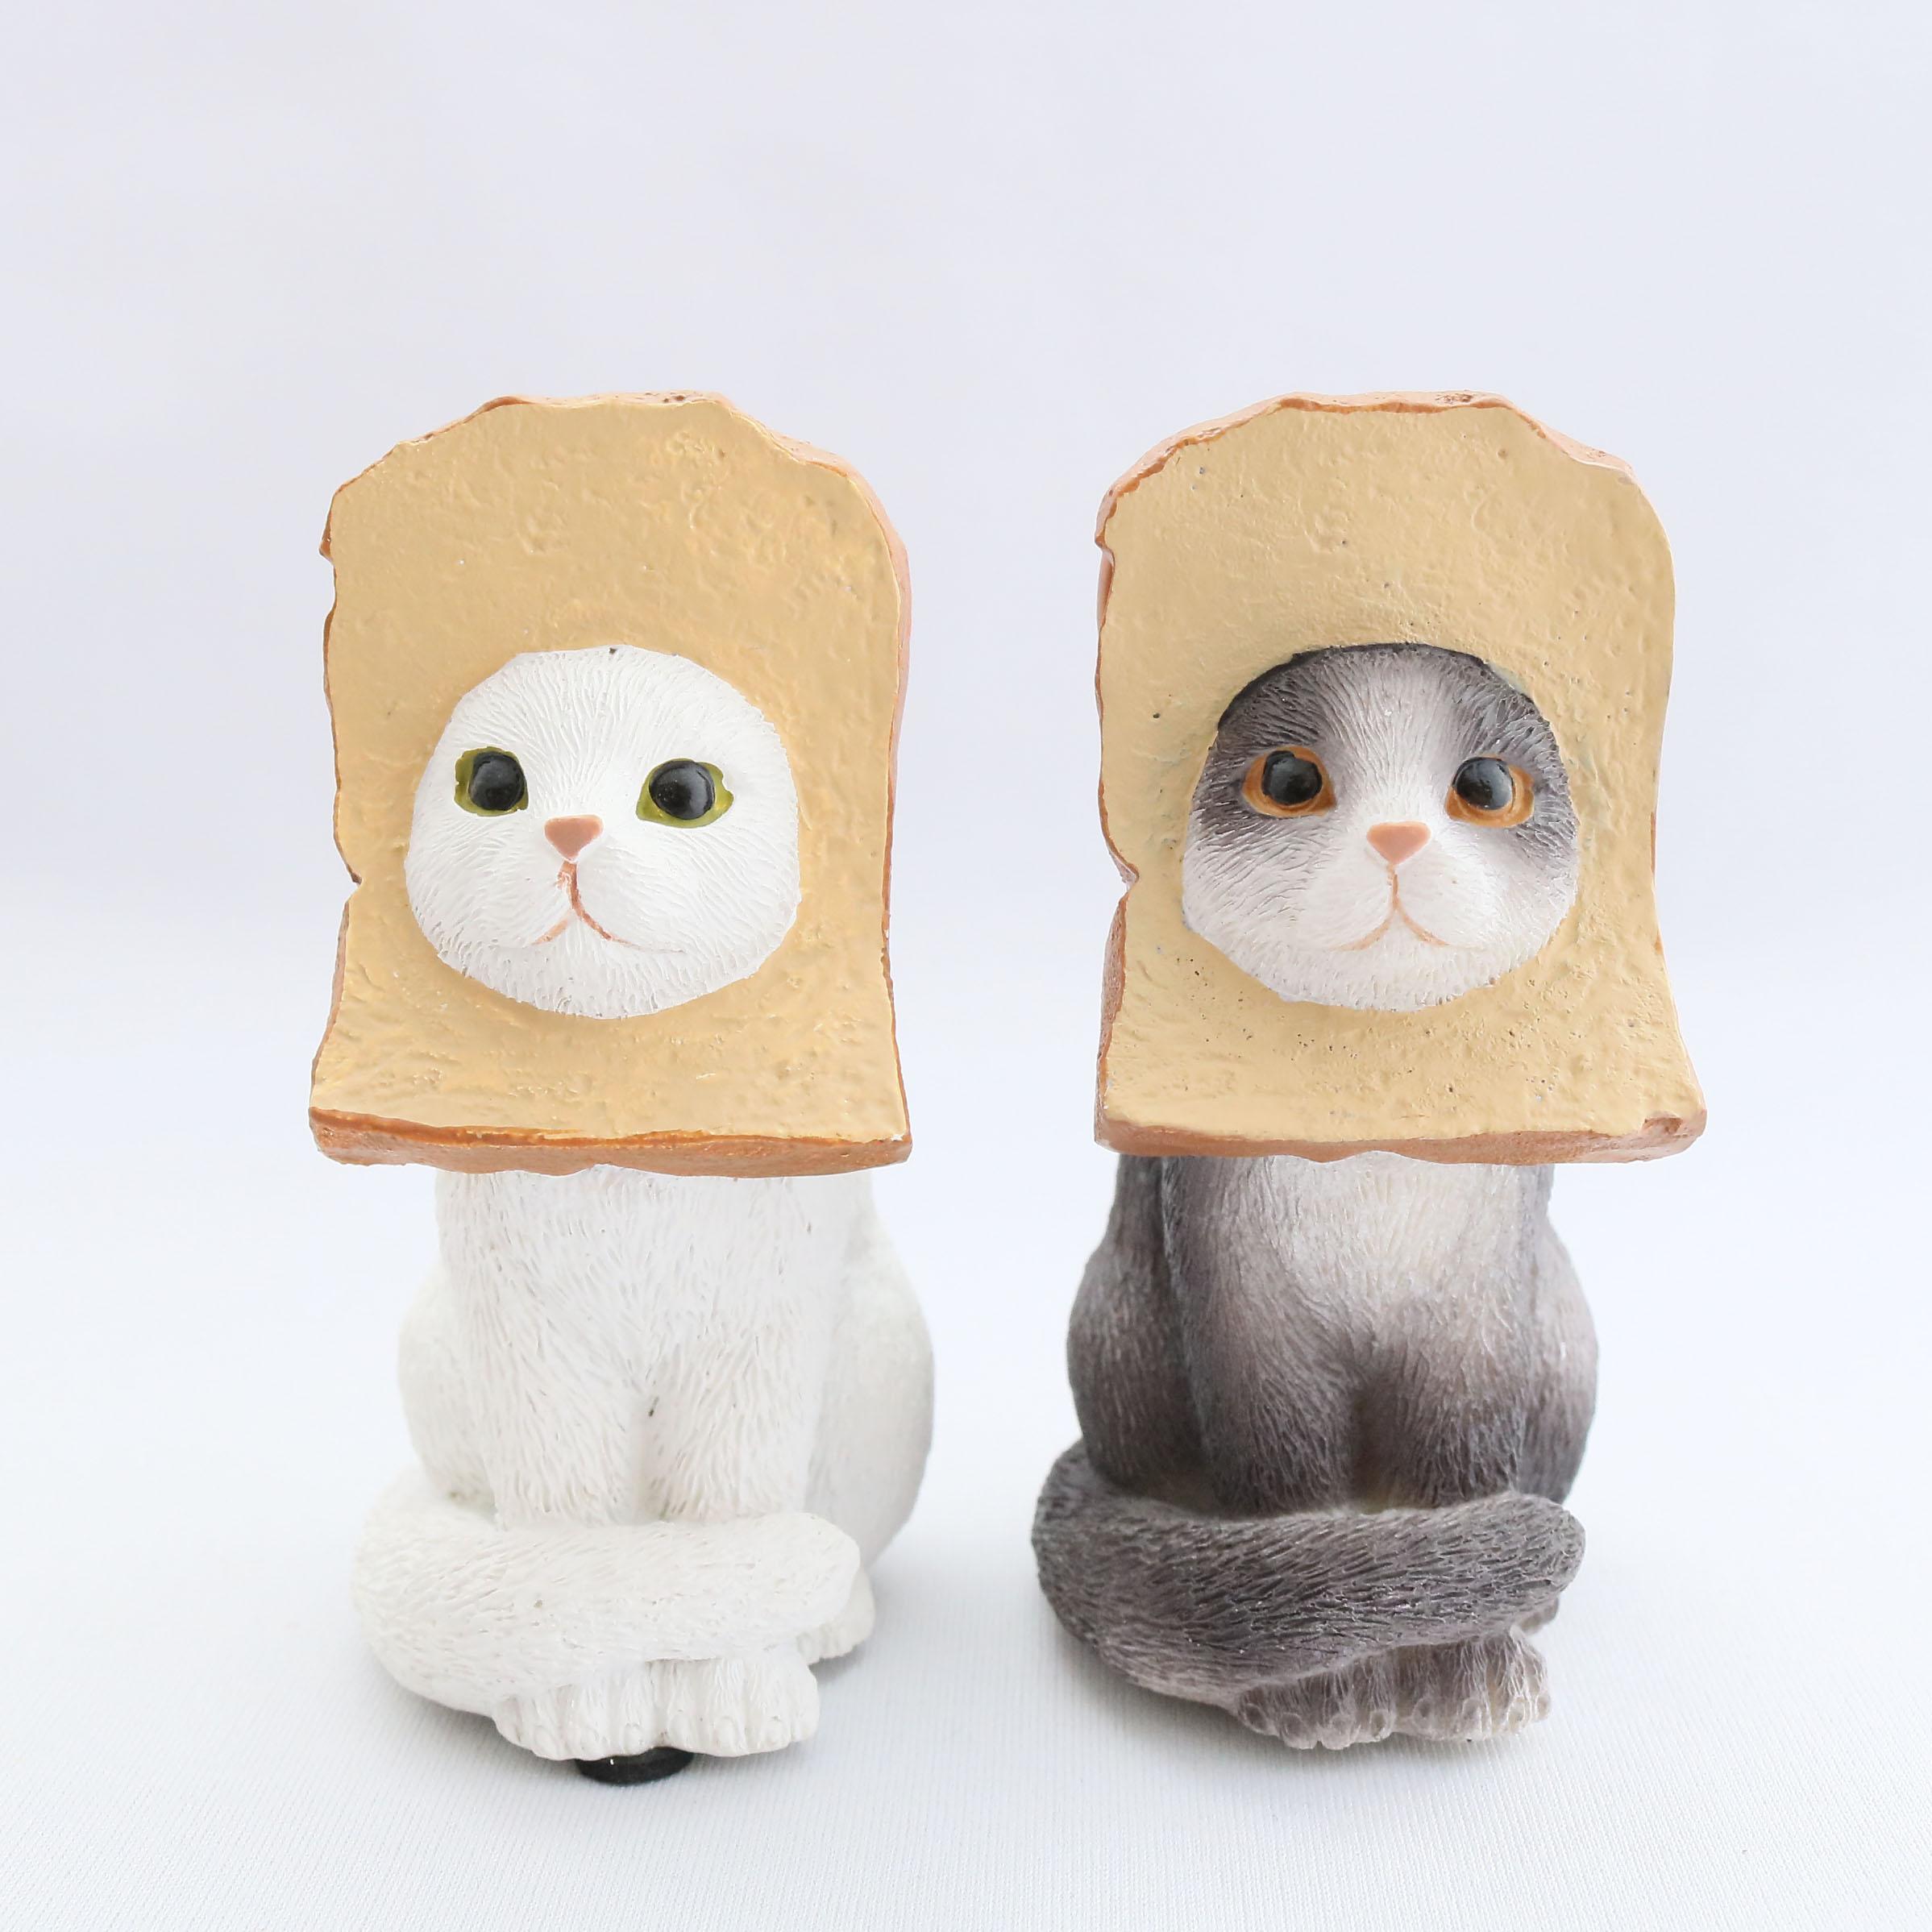 メモスタンド 猫雑貨 猫グッズ 秋田 かぎしっぽ